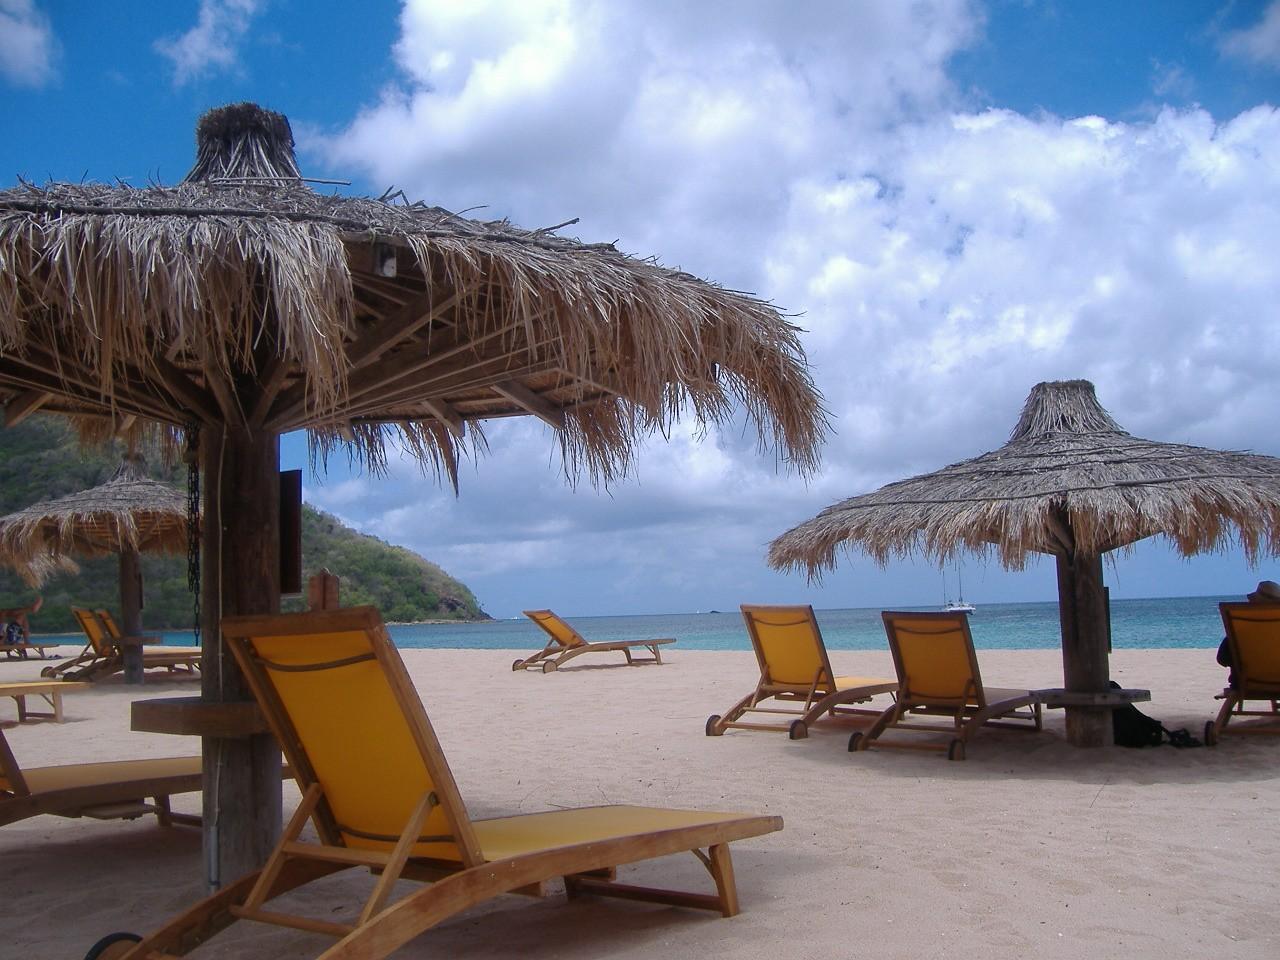 St-Lucia-Caribbean